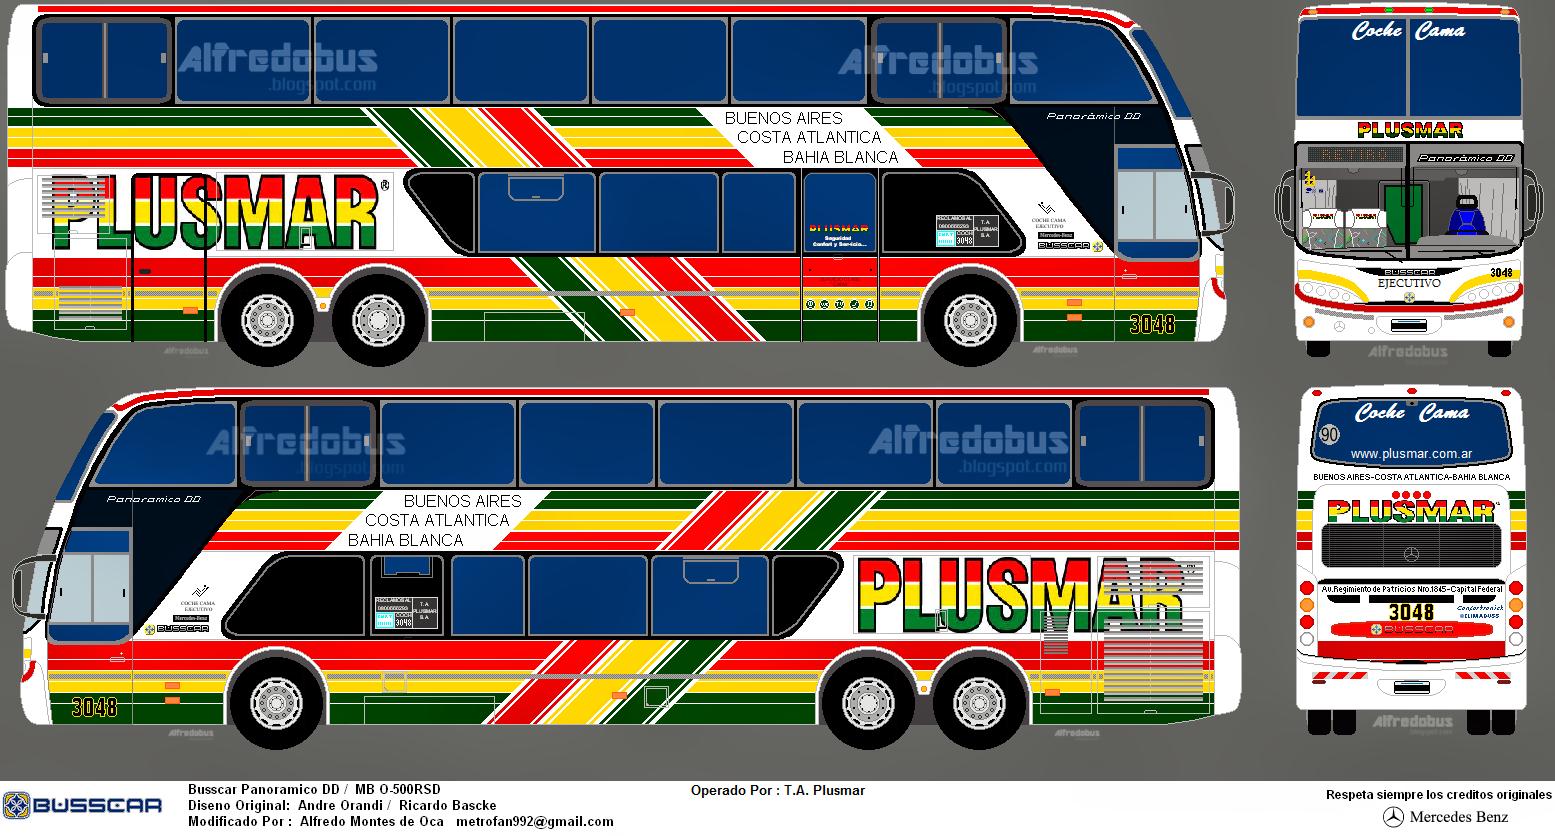 Bienvenidos a alfredobus desde venezuela llevando el - Autobuses larga distancia ...